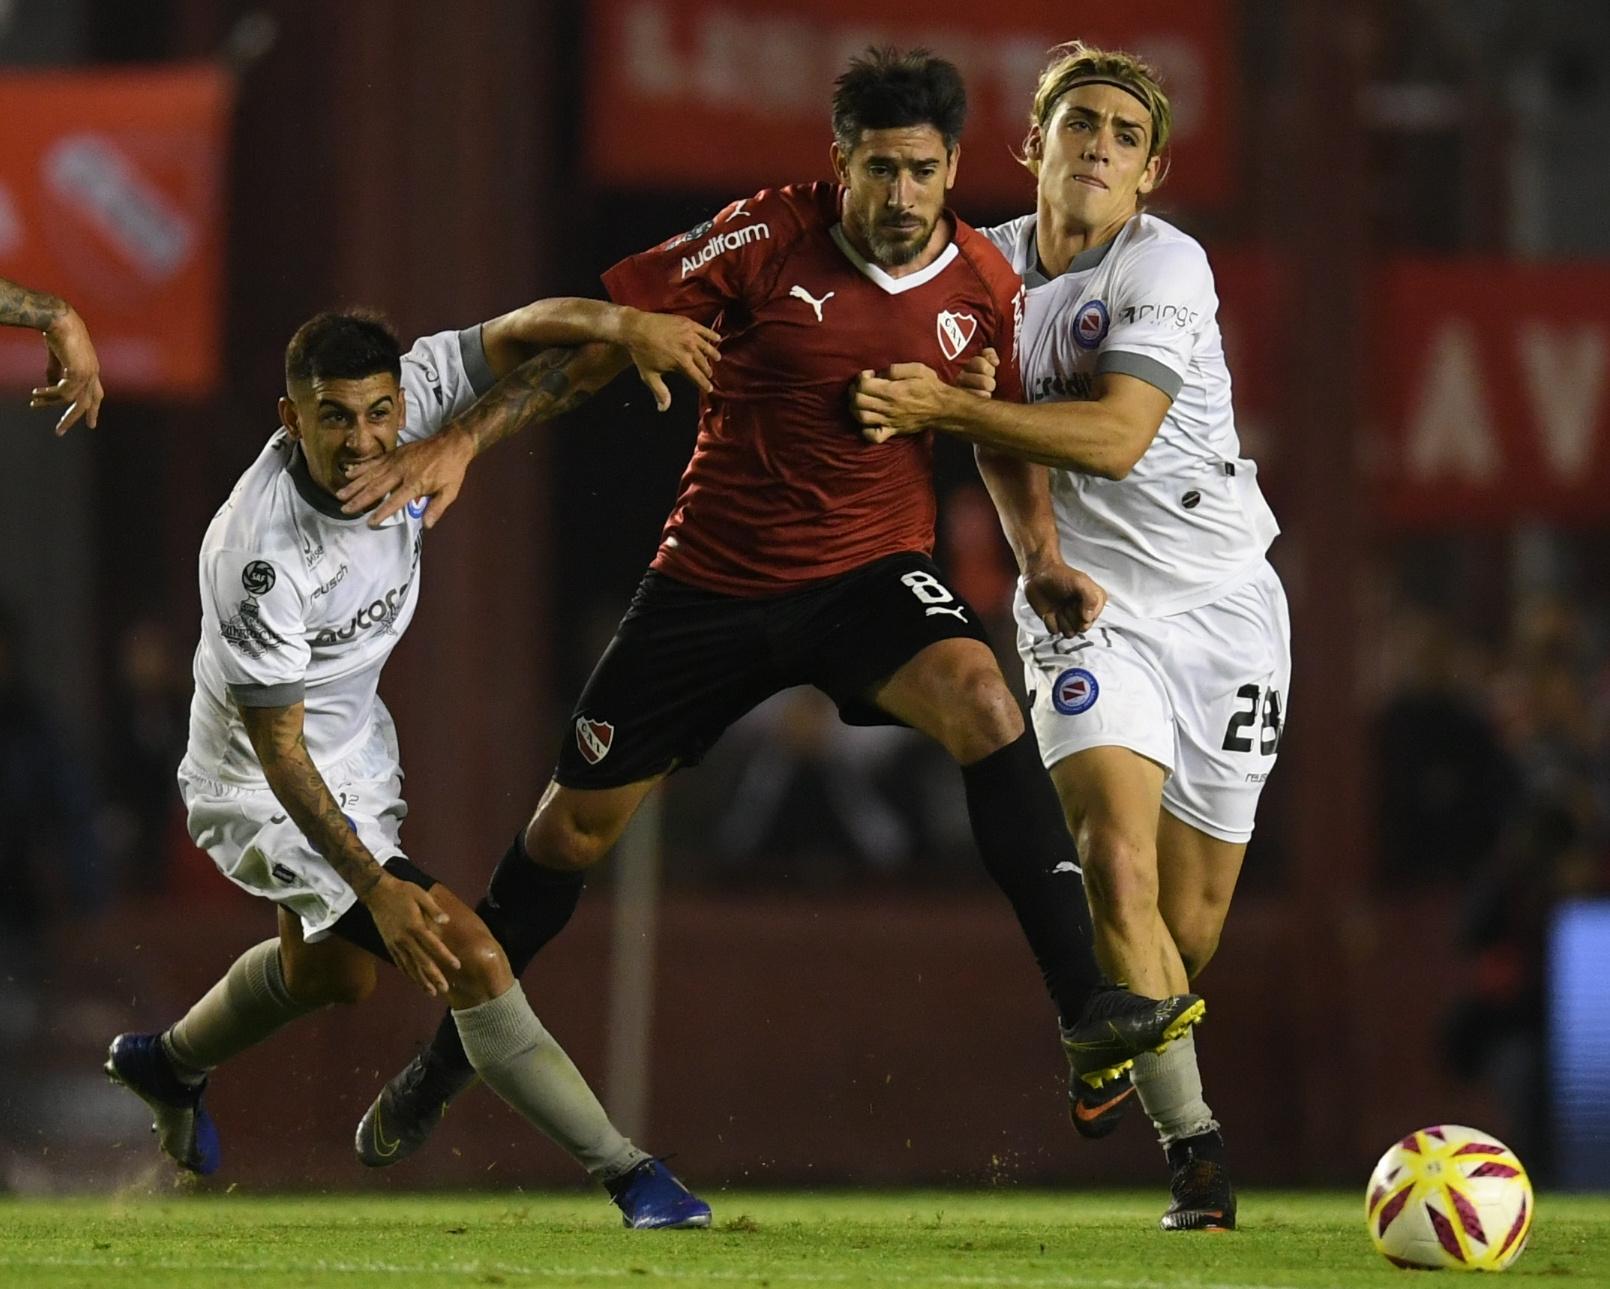 En Perú, Independiente busca avanzar en la Copa